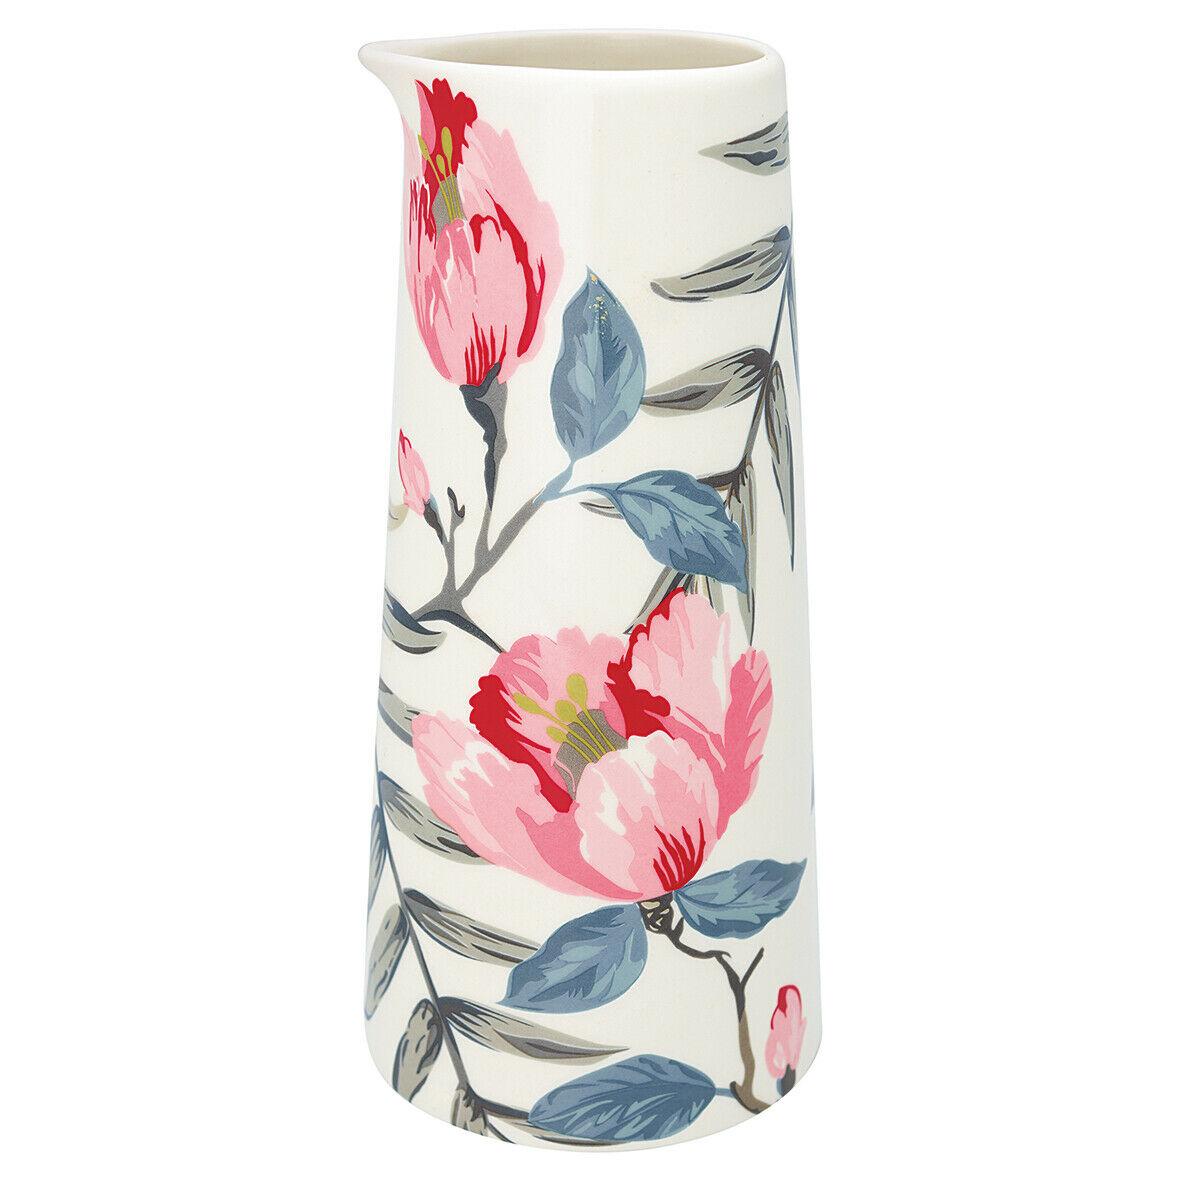 Greengate Krug Magnolia Weiss Blumen Kanne Porzellan Geschirr 0 7 Liter Karaffe Kaufen Bei Wohnhaus Welten